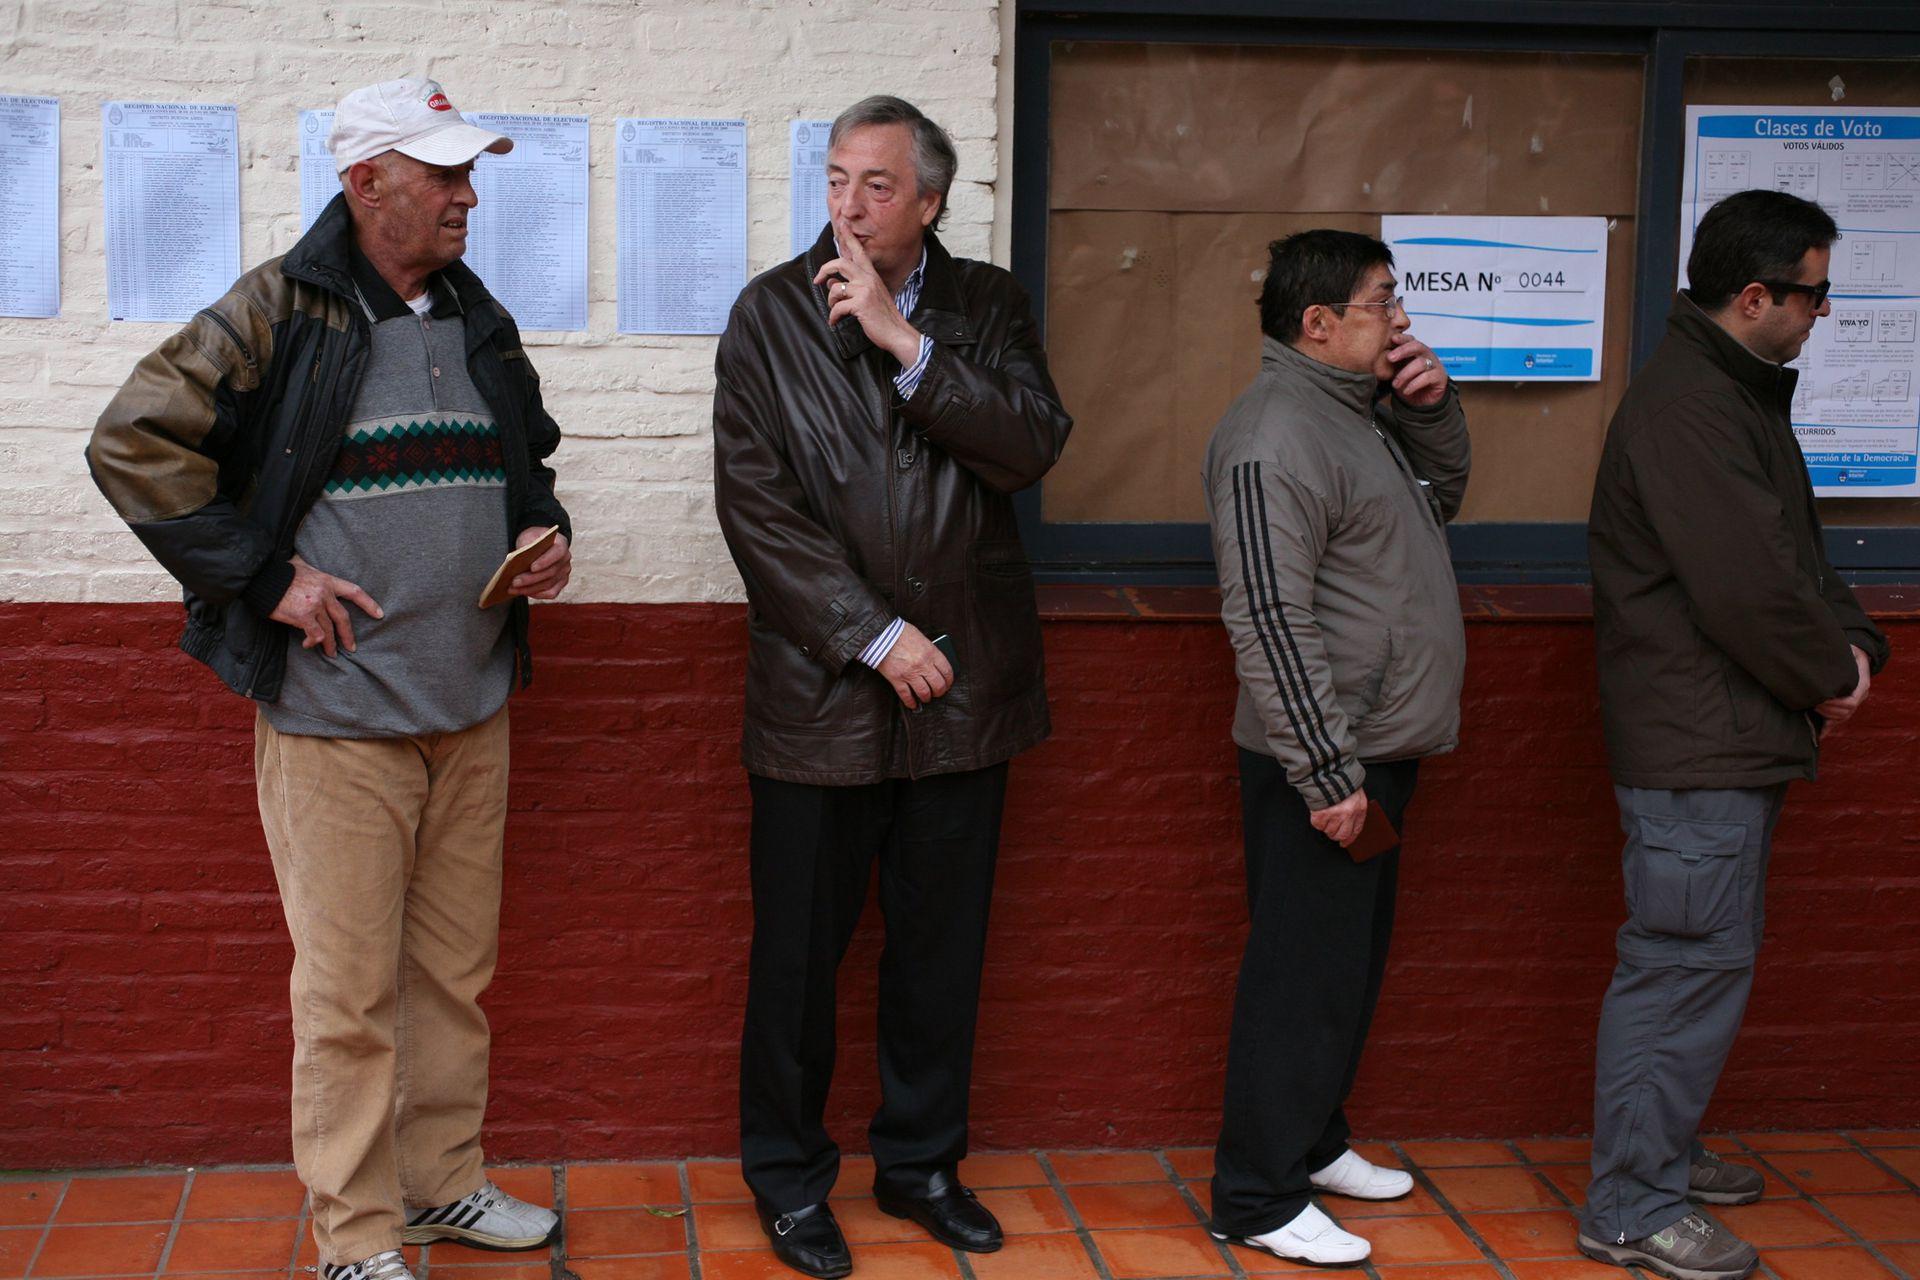 El expresidente Néstor Kirchner pide silencio a los periodistas mientras espera en la fila para emitir su voto en las elecciones legislativas de 2009